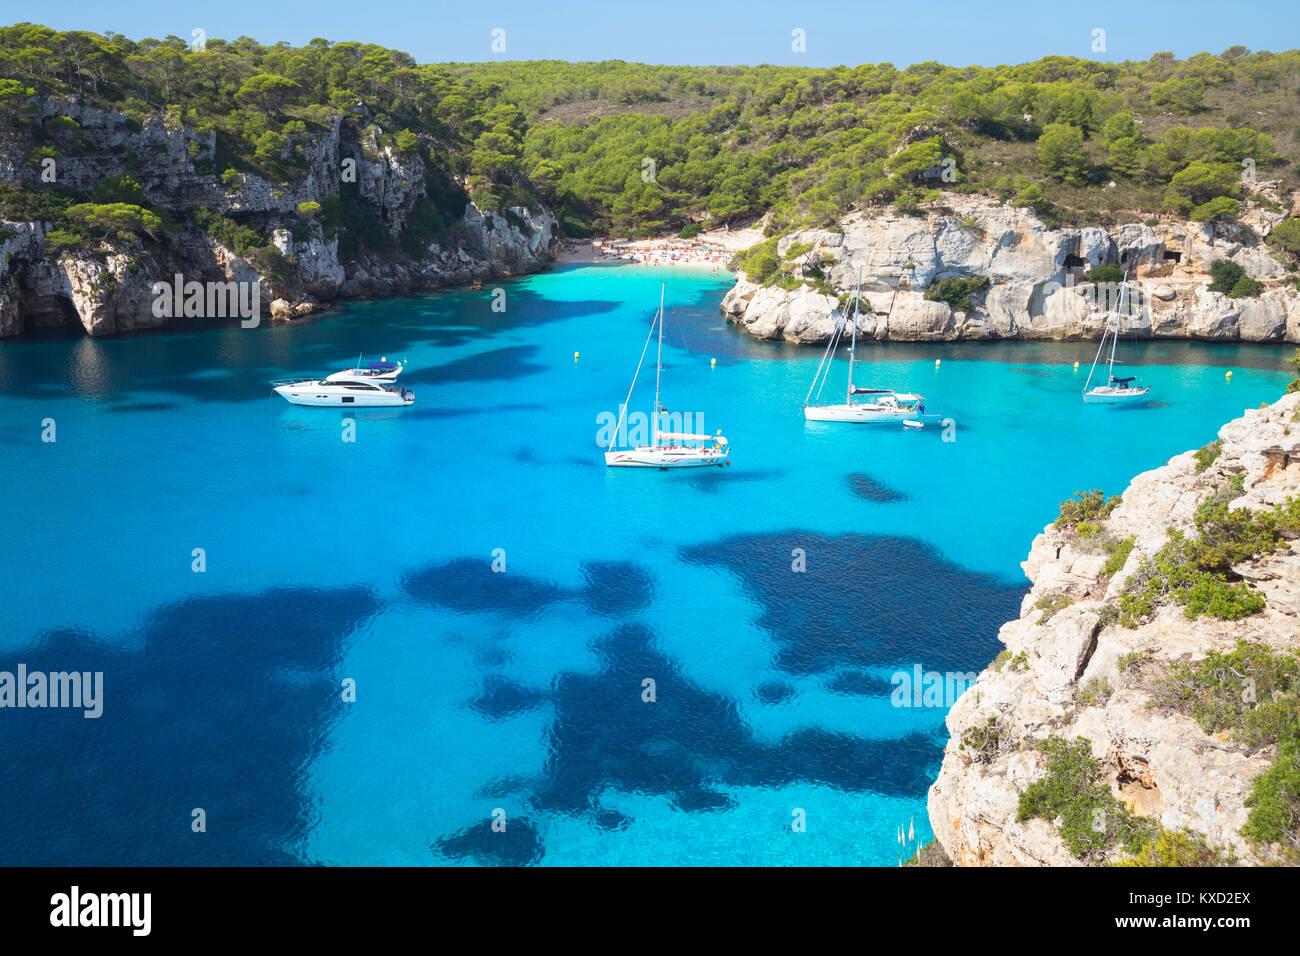 Vista de Cala Macarelleta y veleros, Menorca, Islas Baleares, España, Europa Imagen De Stock